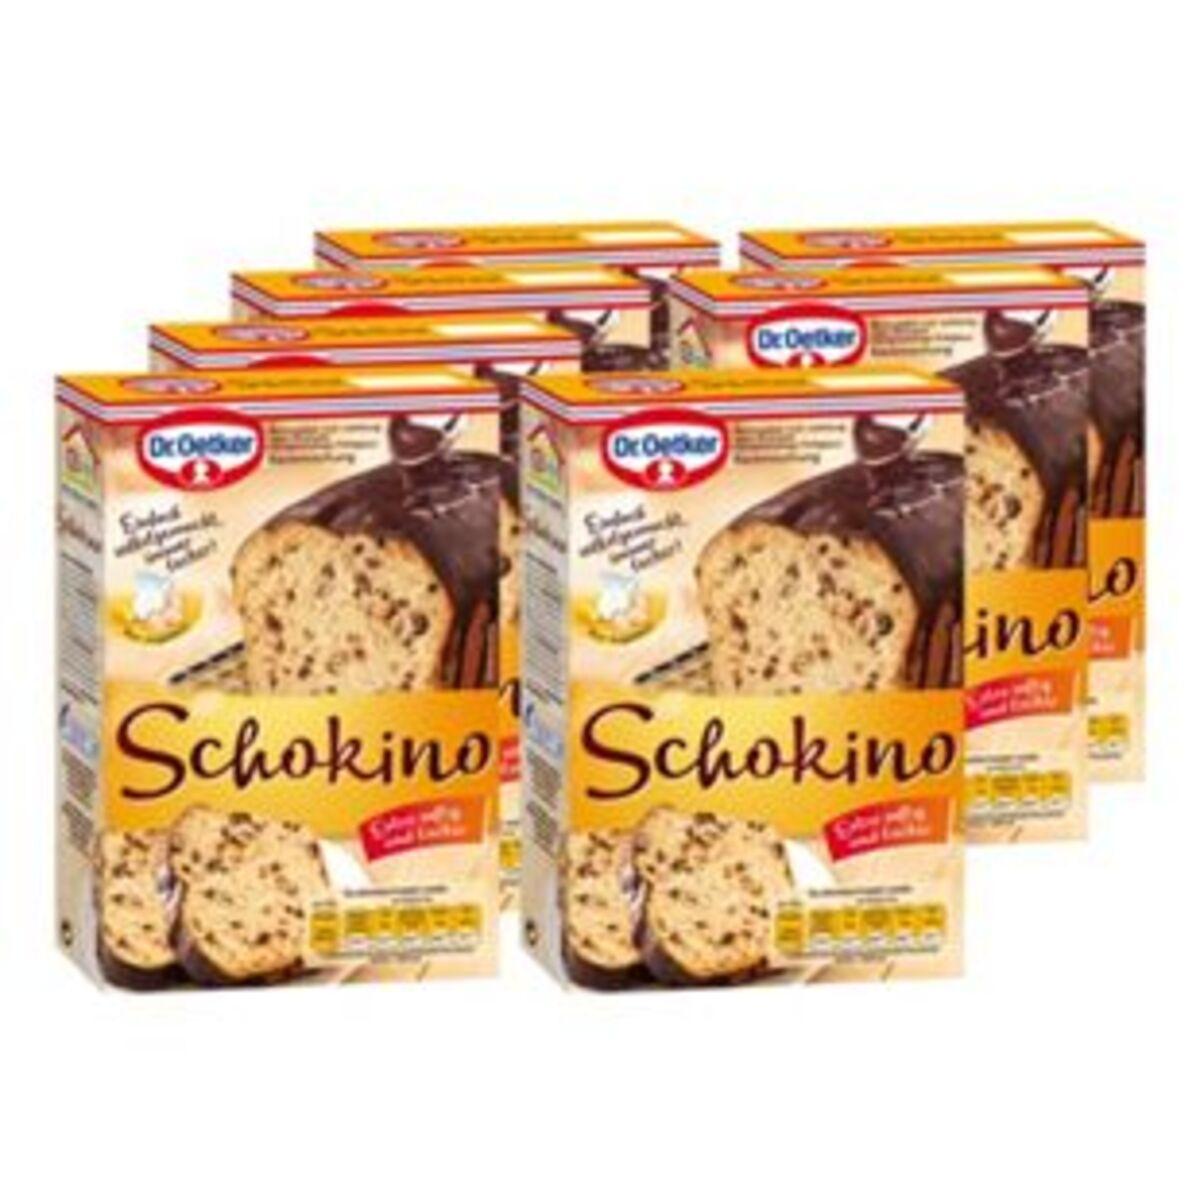 Bild 2 von Dr. Oetker Backmischung Schokino Kuchen 480 g, 8er Pack